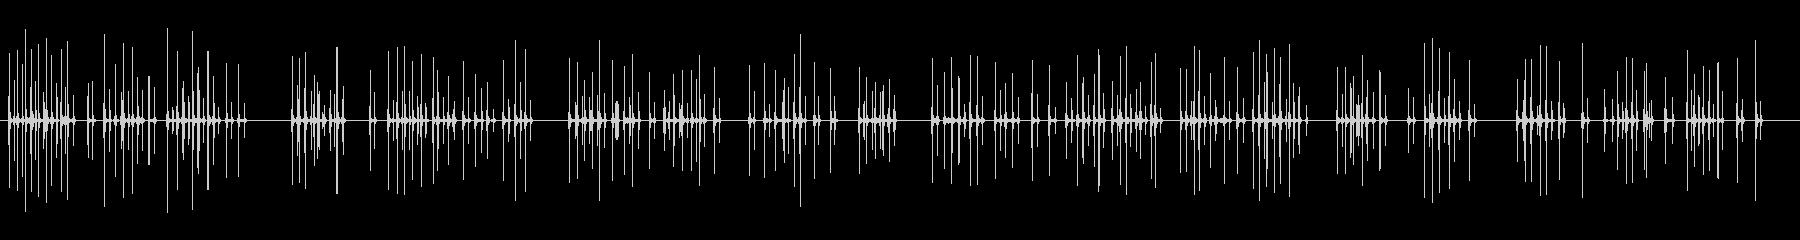 PC キーボード06-02(強)の未再生の波形